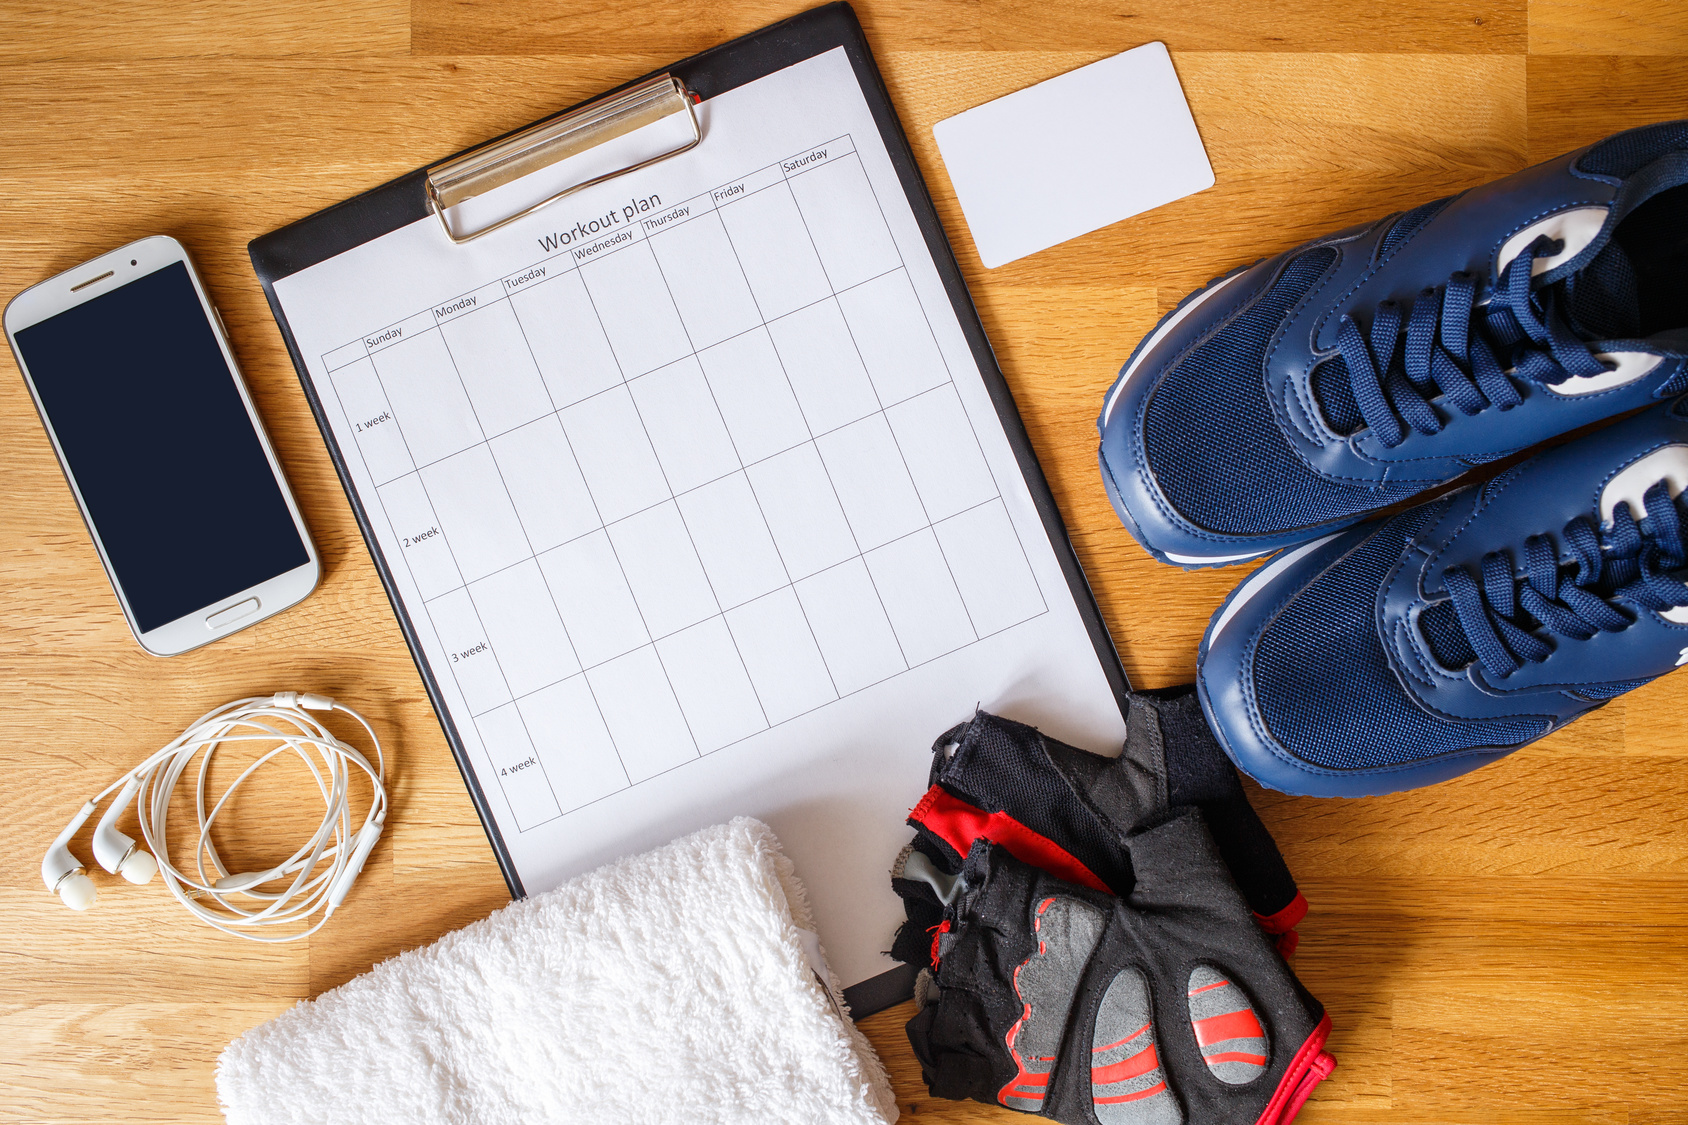 Persönlicher Trainingsplan mit Laufschuhen und Smartphone, daneben andere Fitness-Ausrüstung. Perspektive von oben